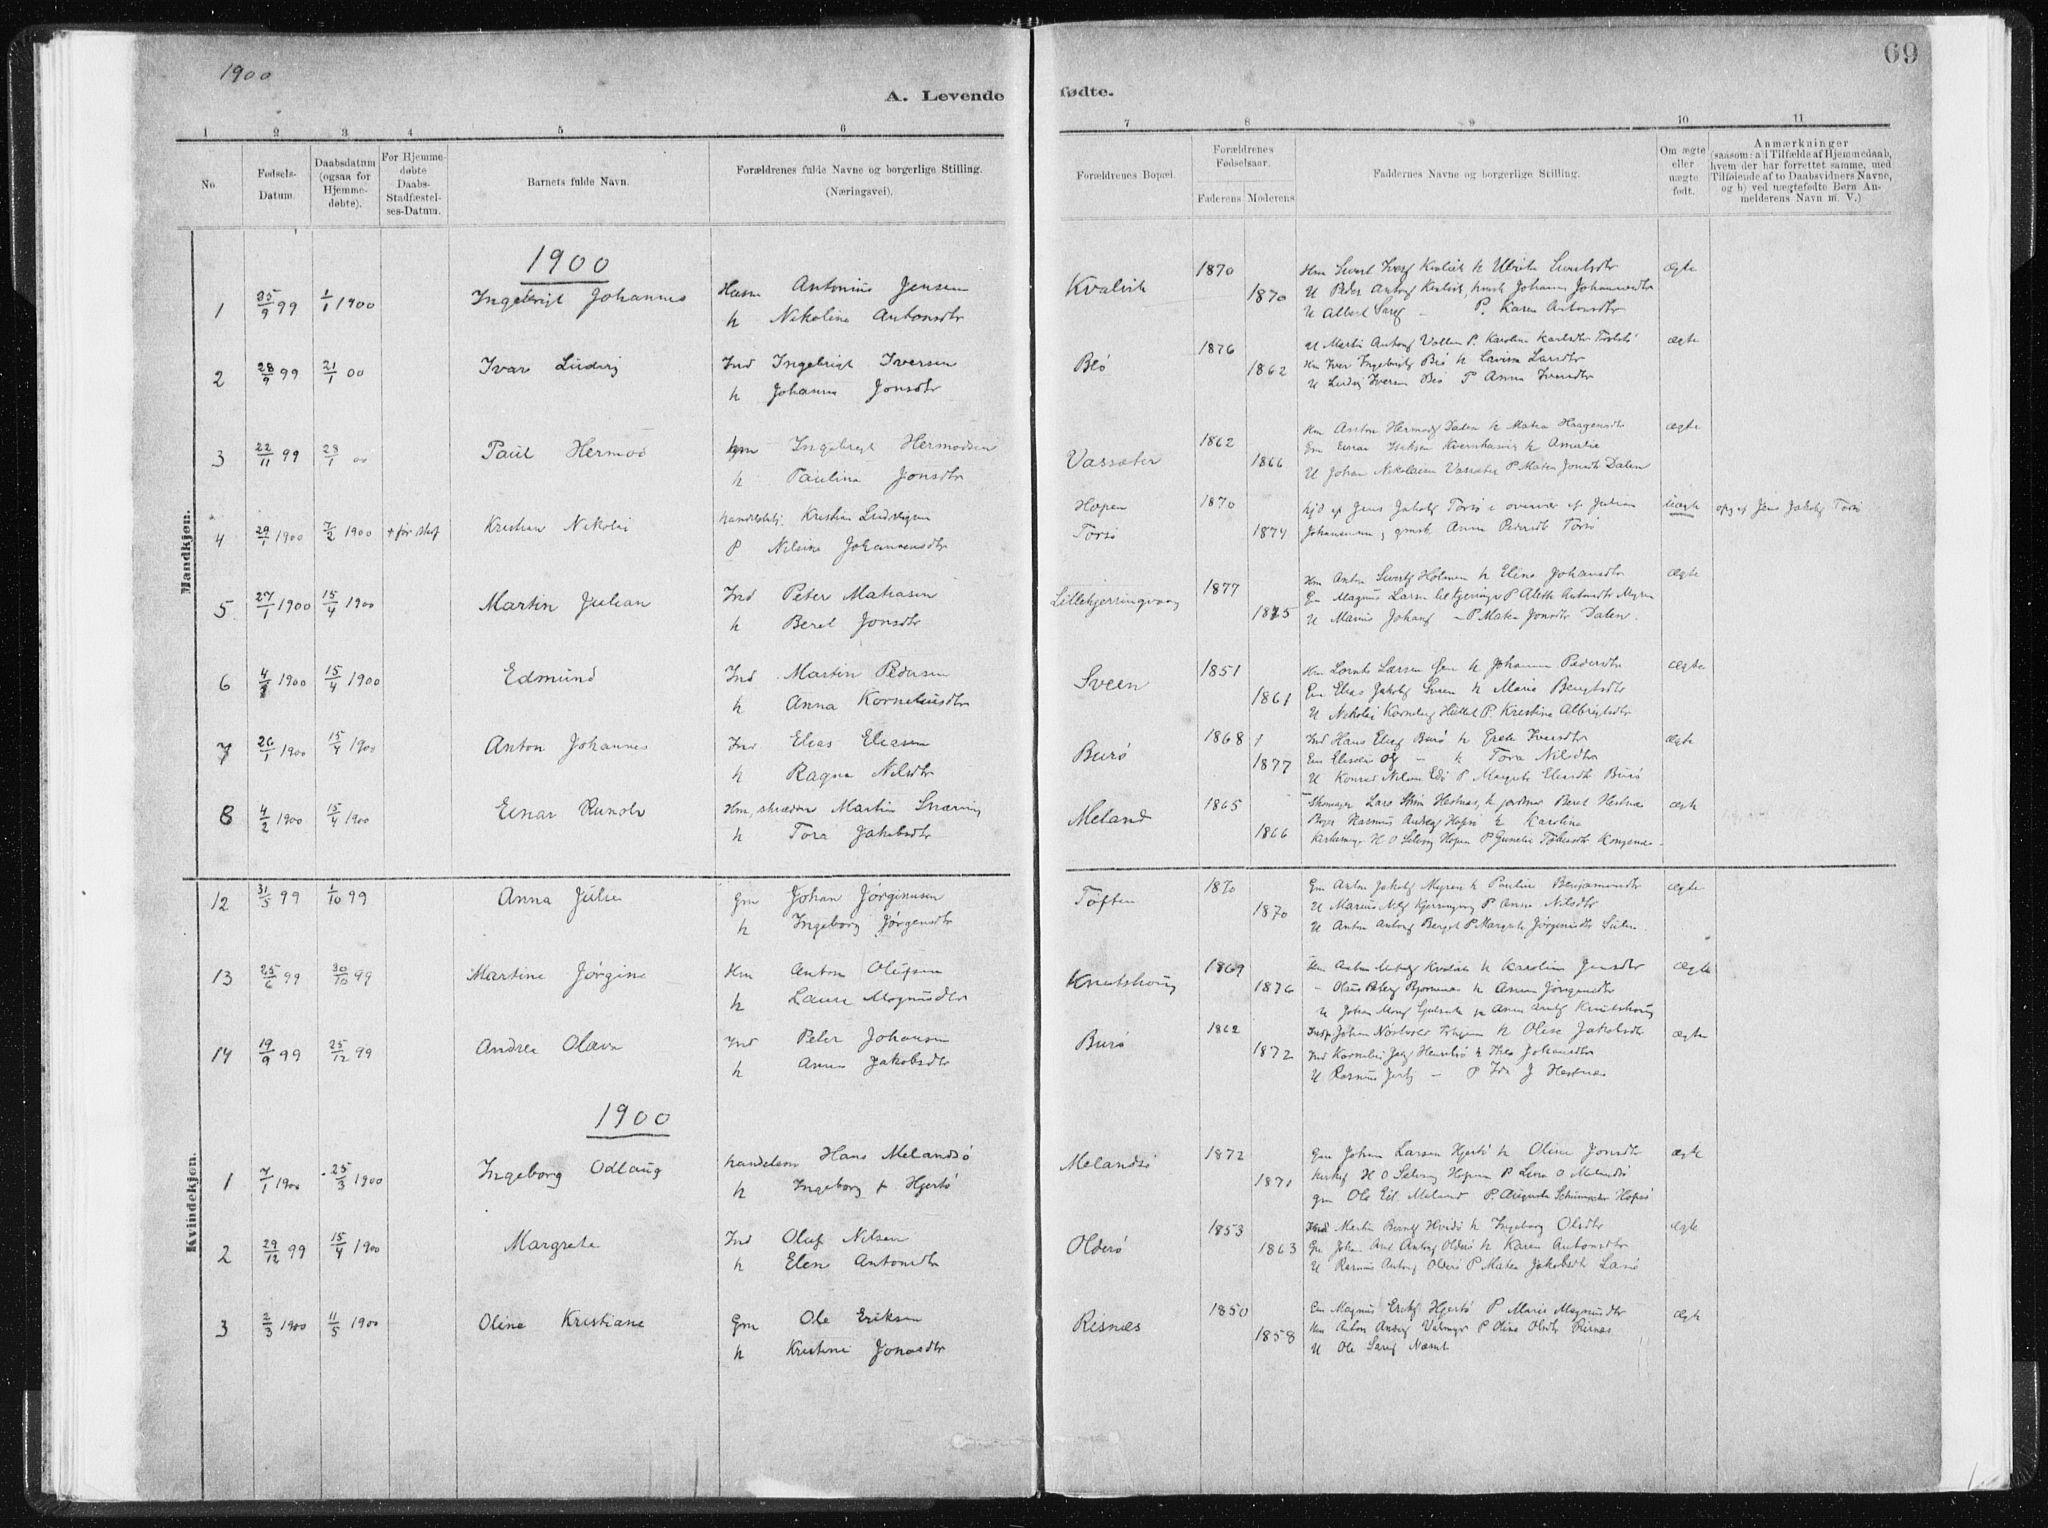 SAT, Ministerialprotokoller, klokkerbøker og fødselsregistre - Sør-Trøndelag, 634/L0533: Ministerialbok nr. 634A09, 1882-1901, s. 69